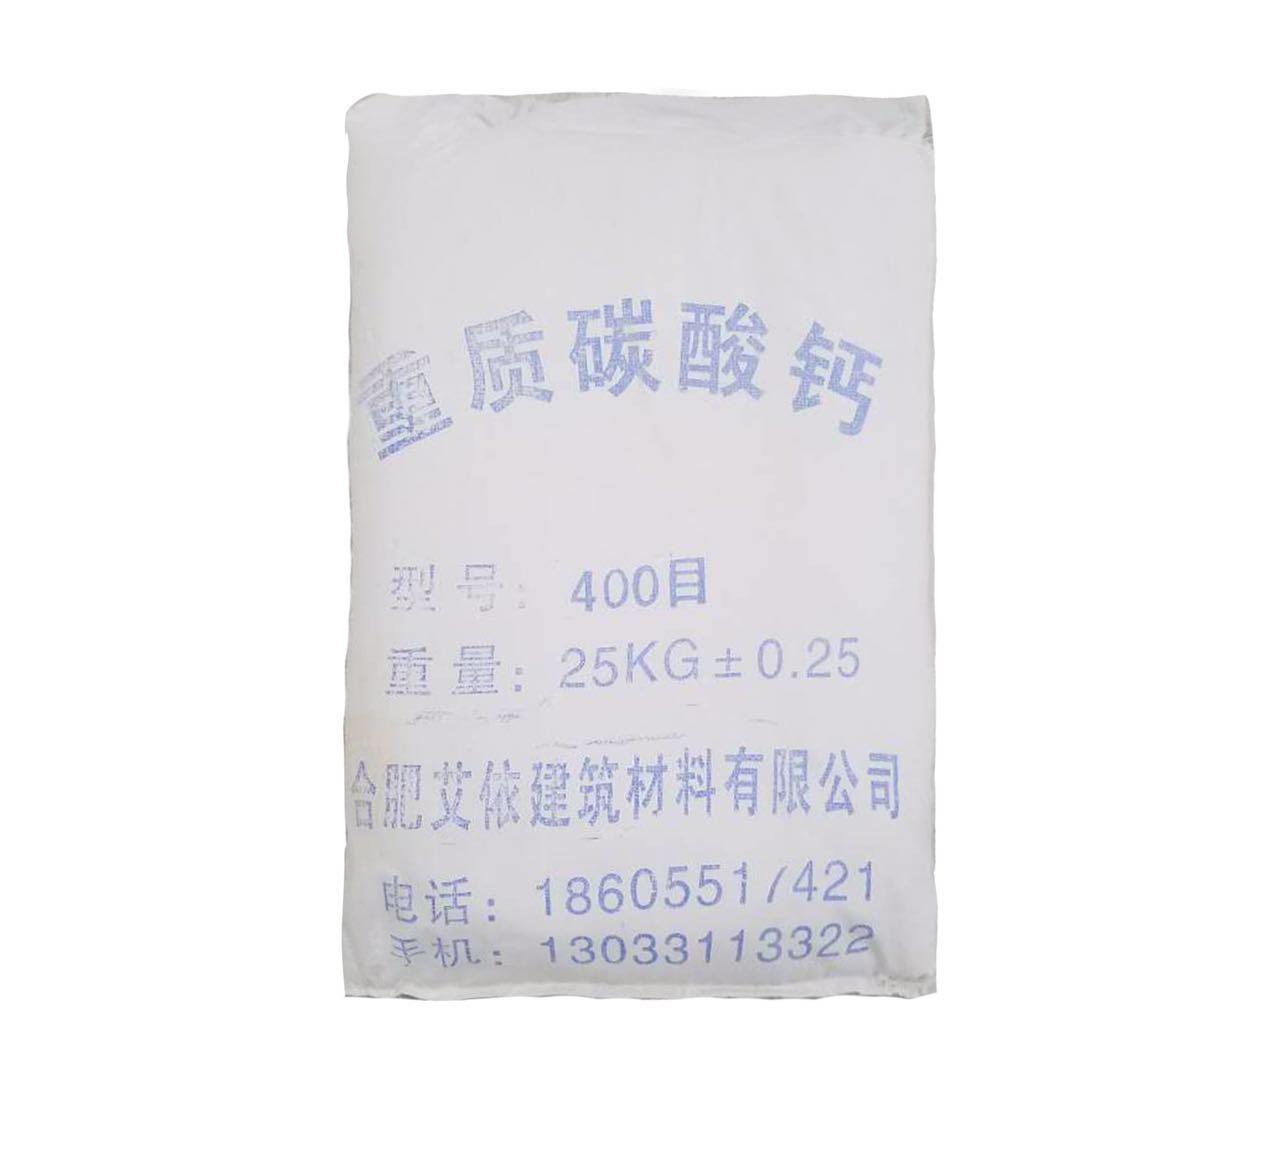 400目目重质碳酸钙